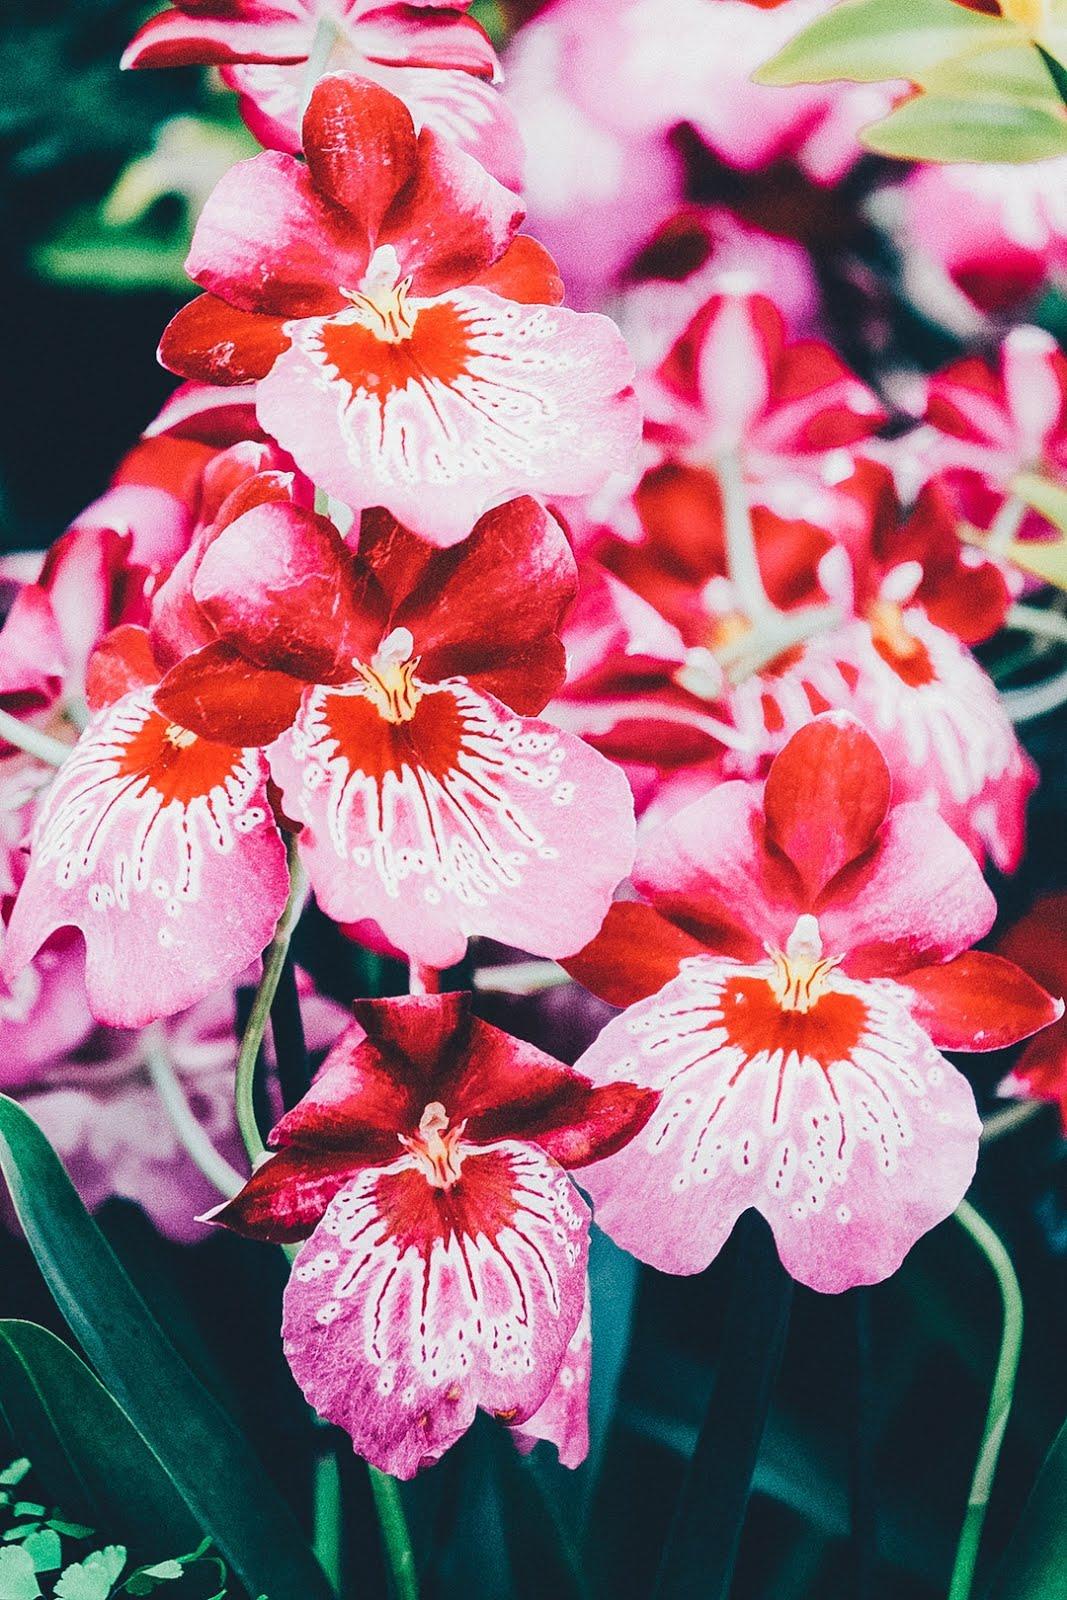 زهور حمراء متفتحة ذات الوان زاهية خلفيات ايفون 6s